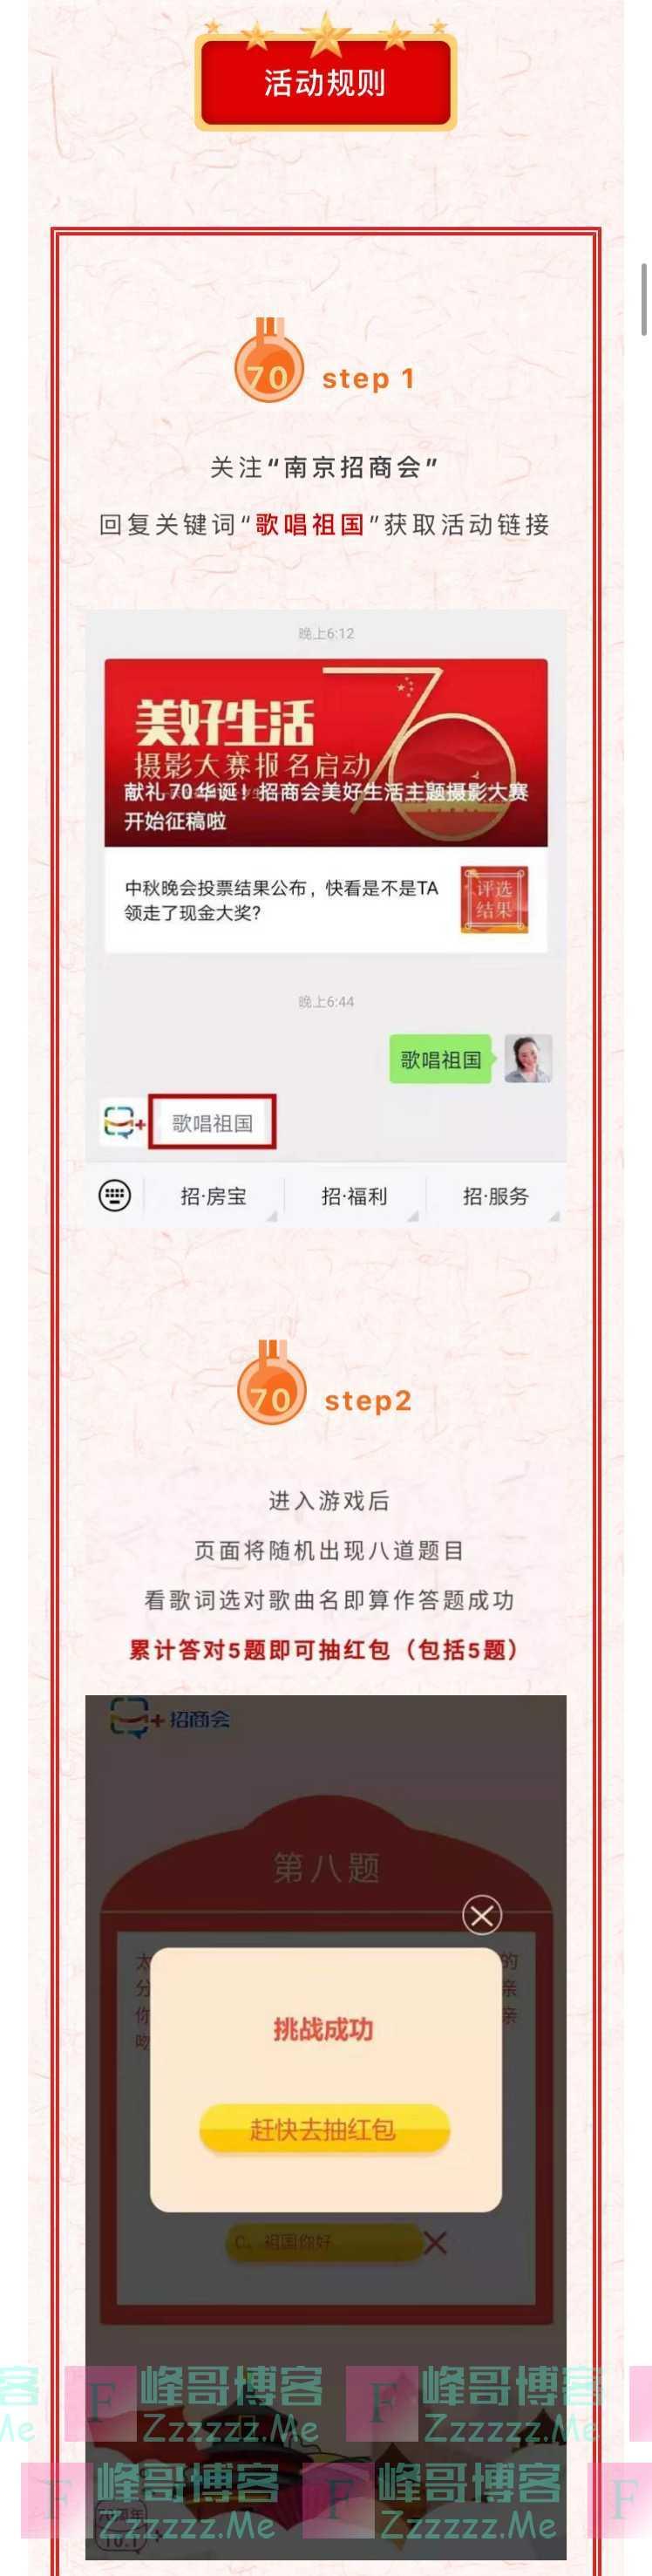 南京招商会歌颂祖国 答题赢红包(截止不详)